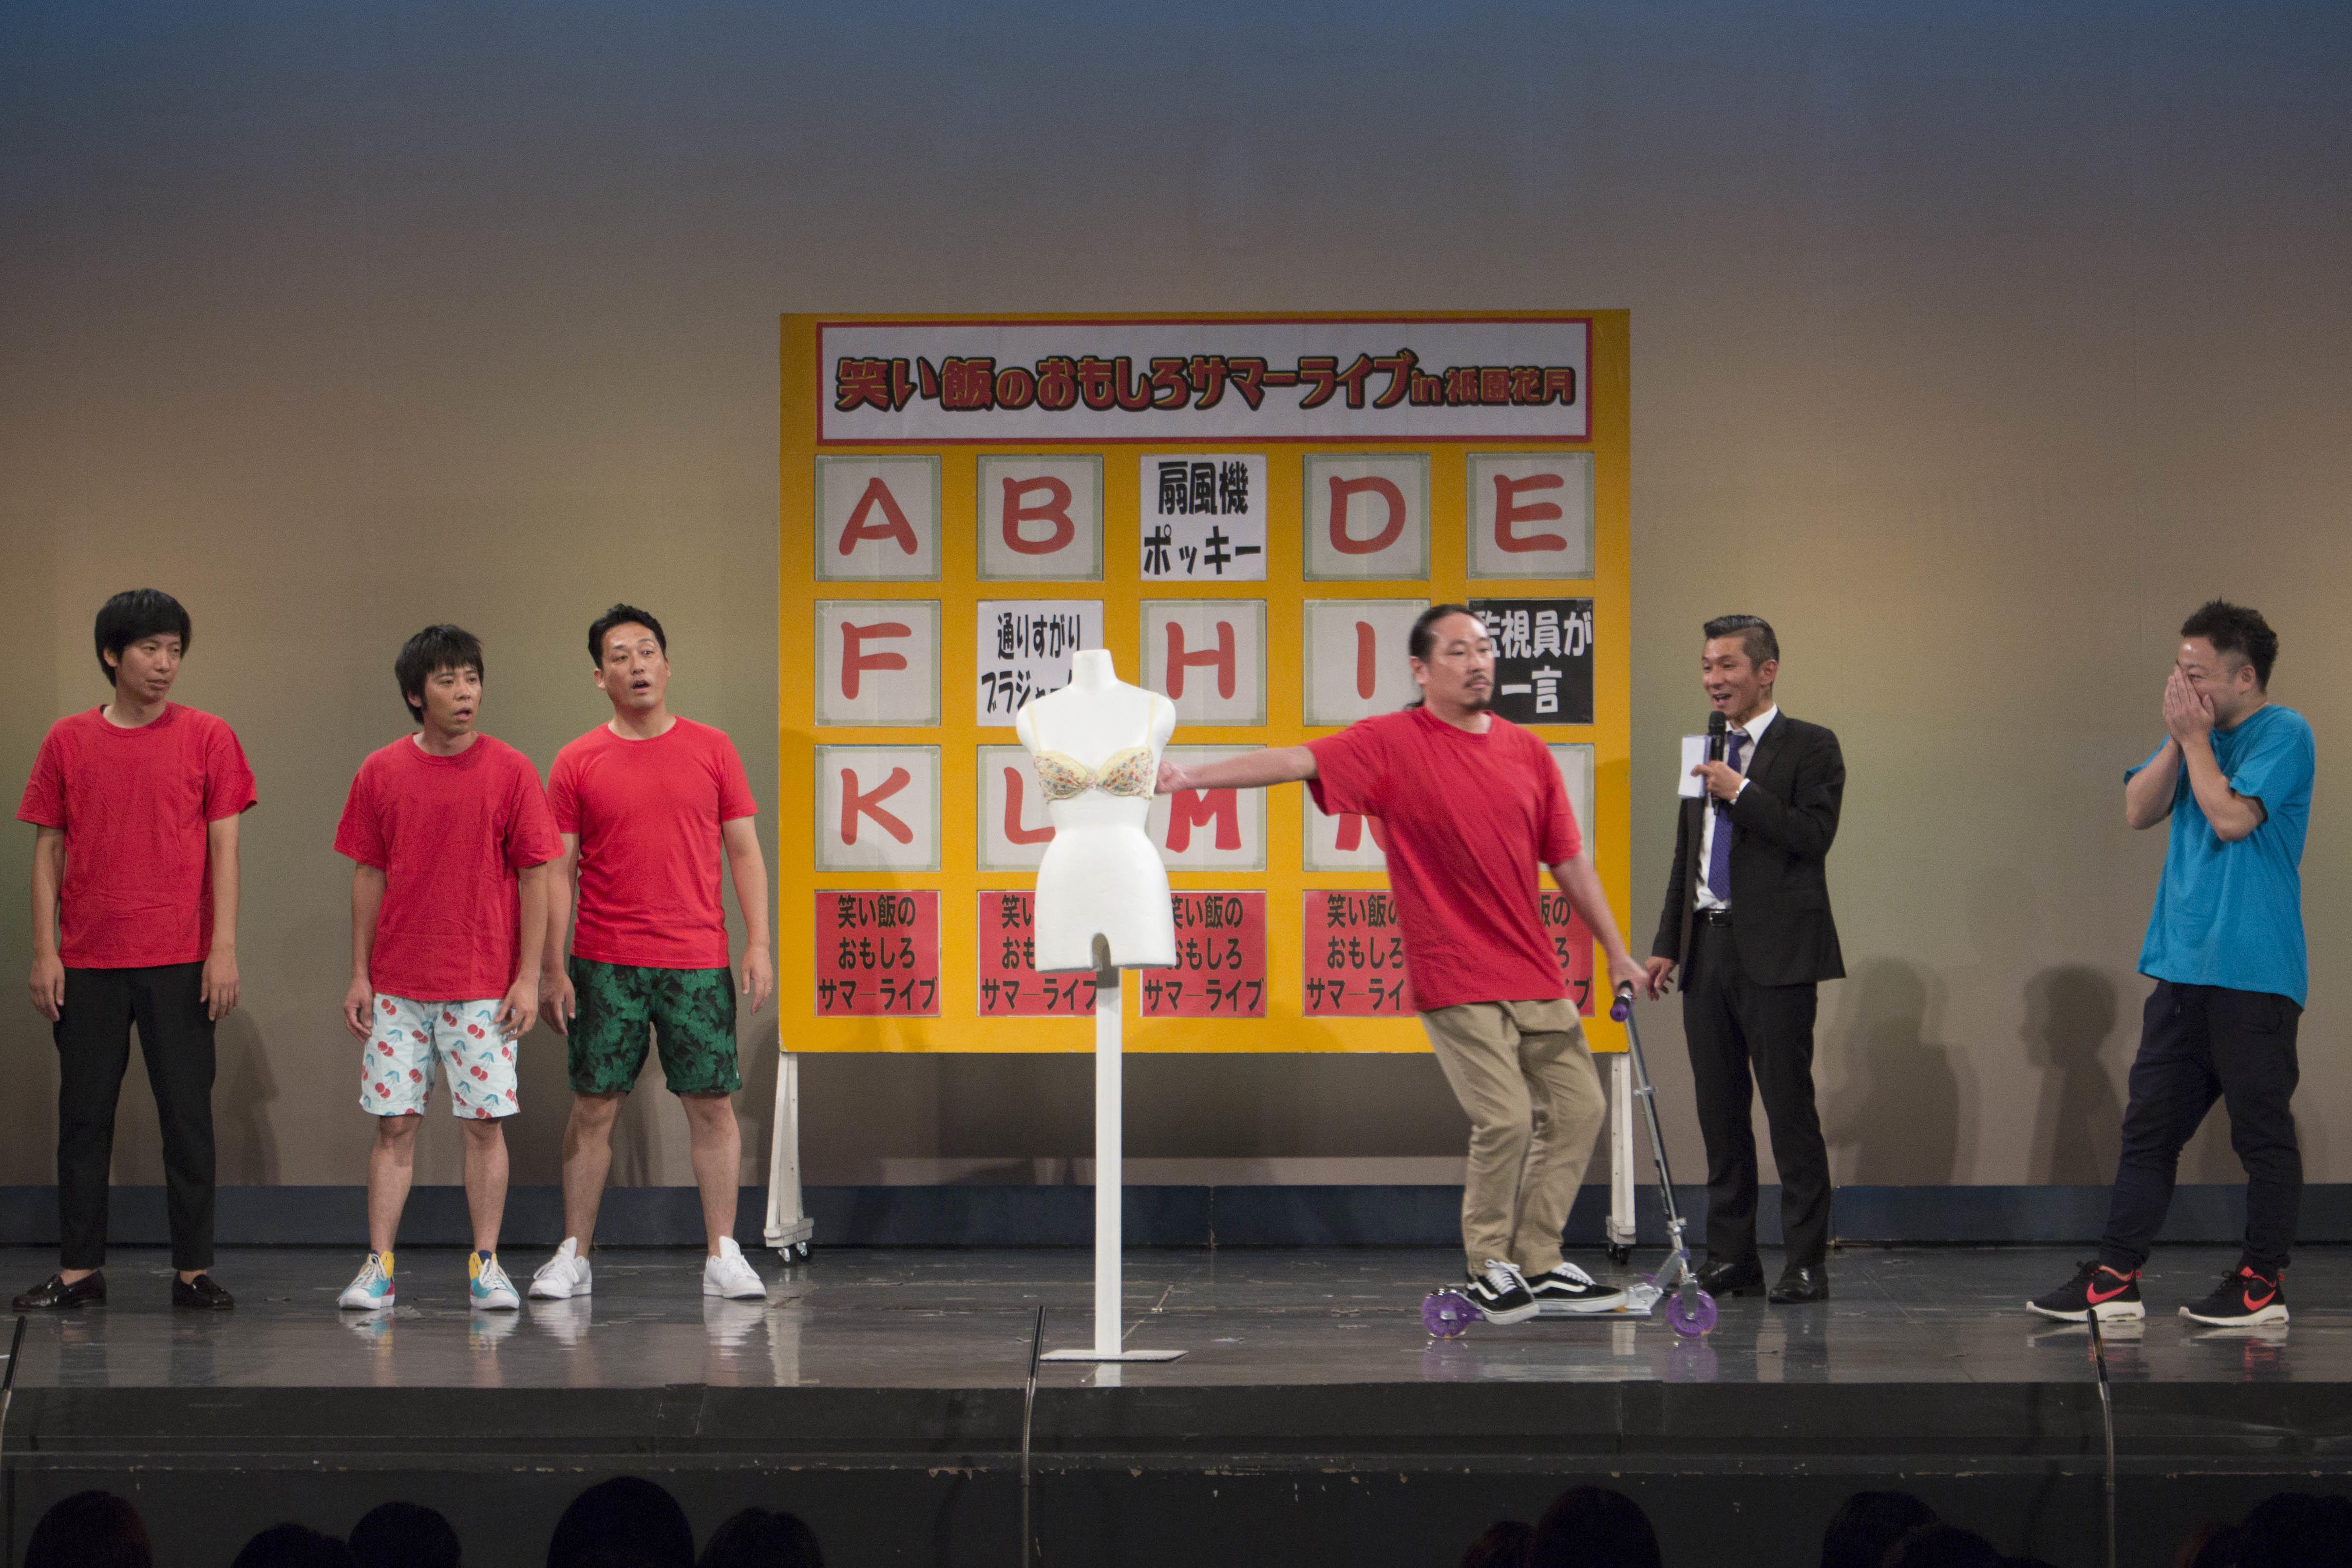 http://news.yoshimoto.co.jp/20180715062429-00edb3a7aa2a7235a584289e10714de98ce0fbc3.jpg